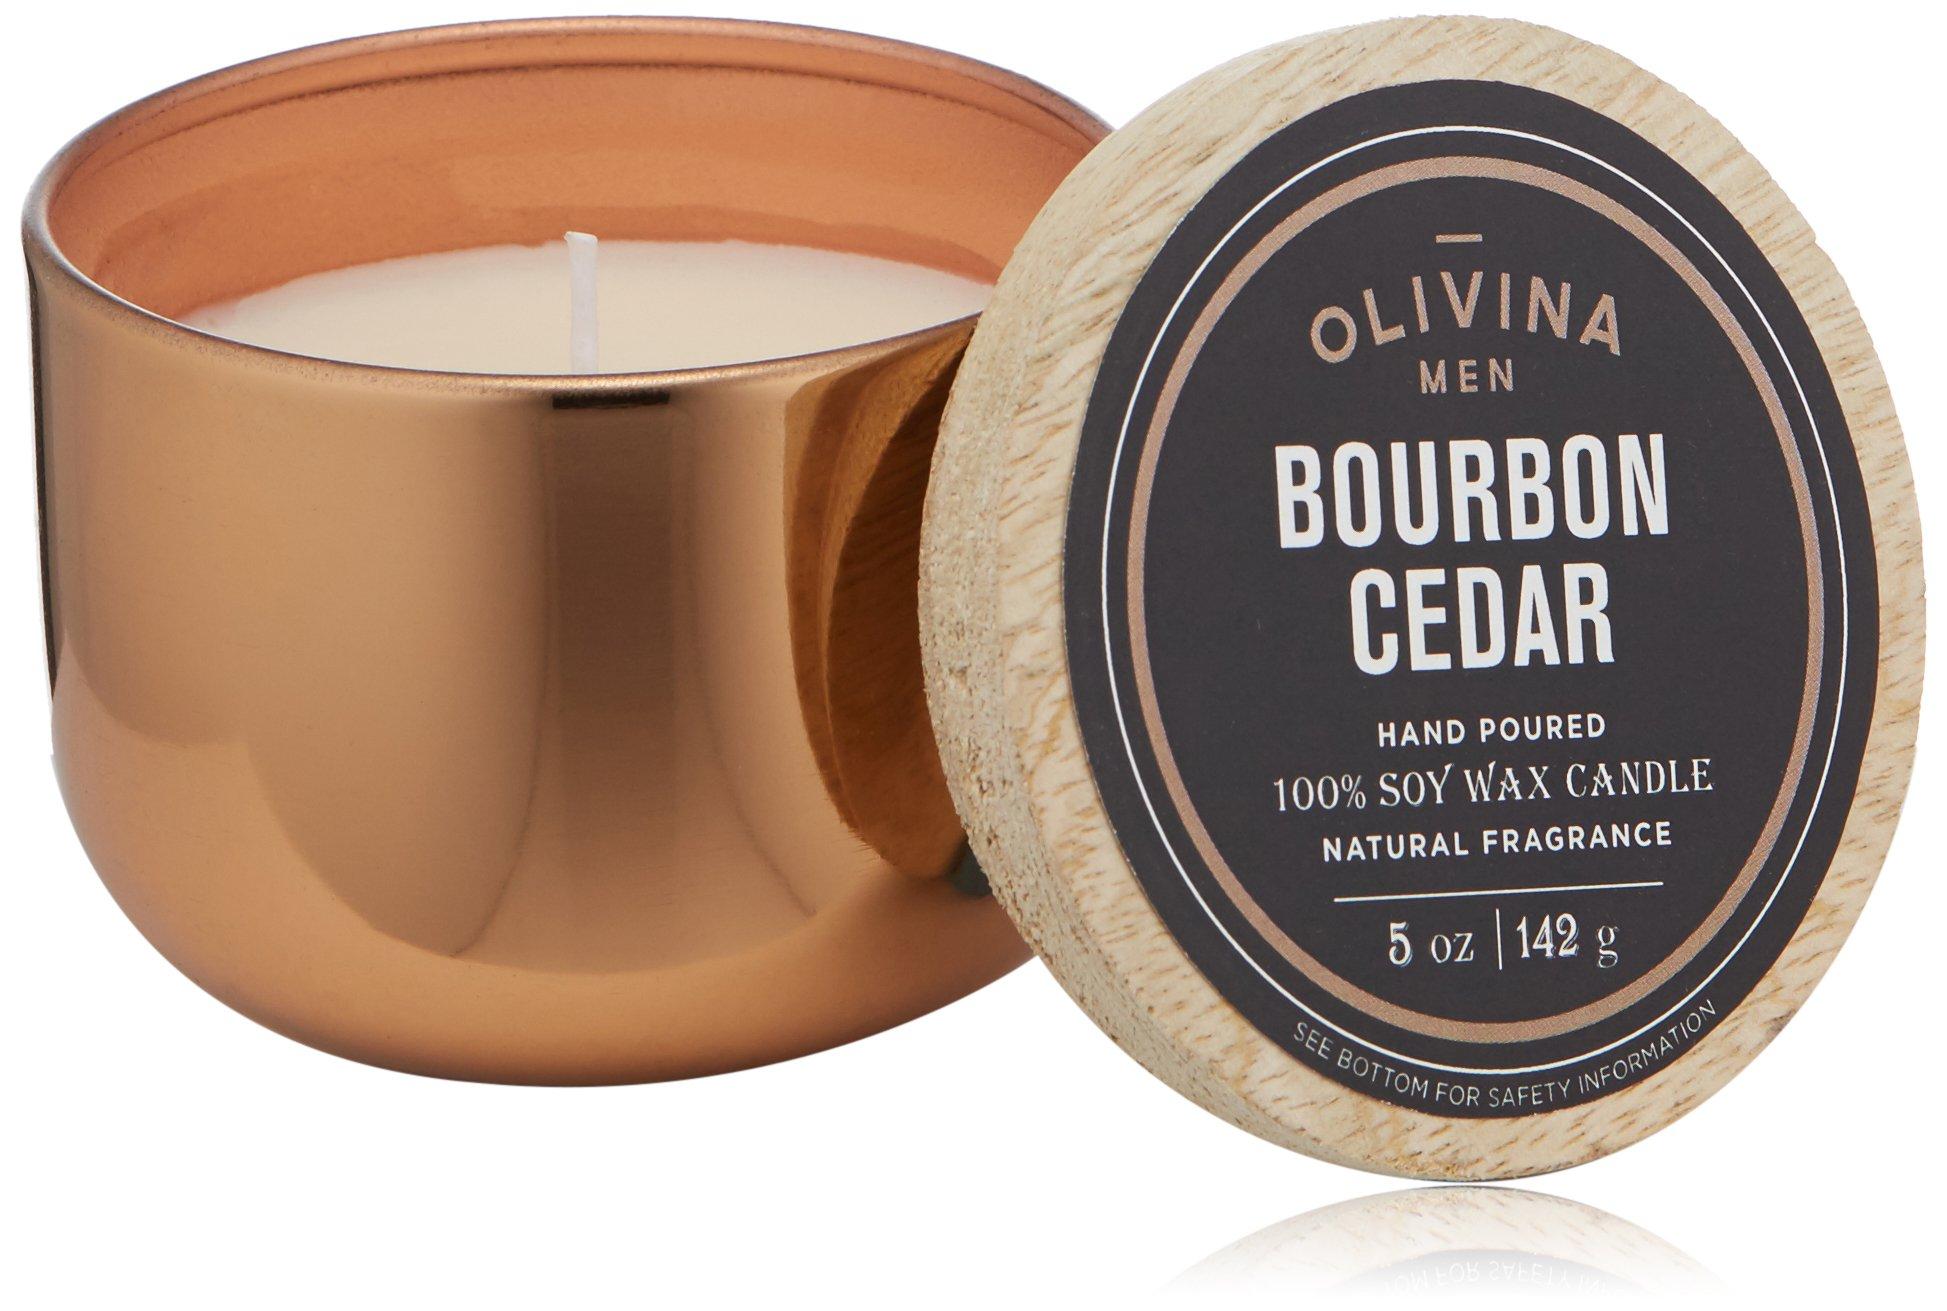 Olivina Men Soy Wax Candle Copper, Bourbon Cedar, 5 oz.